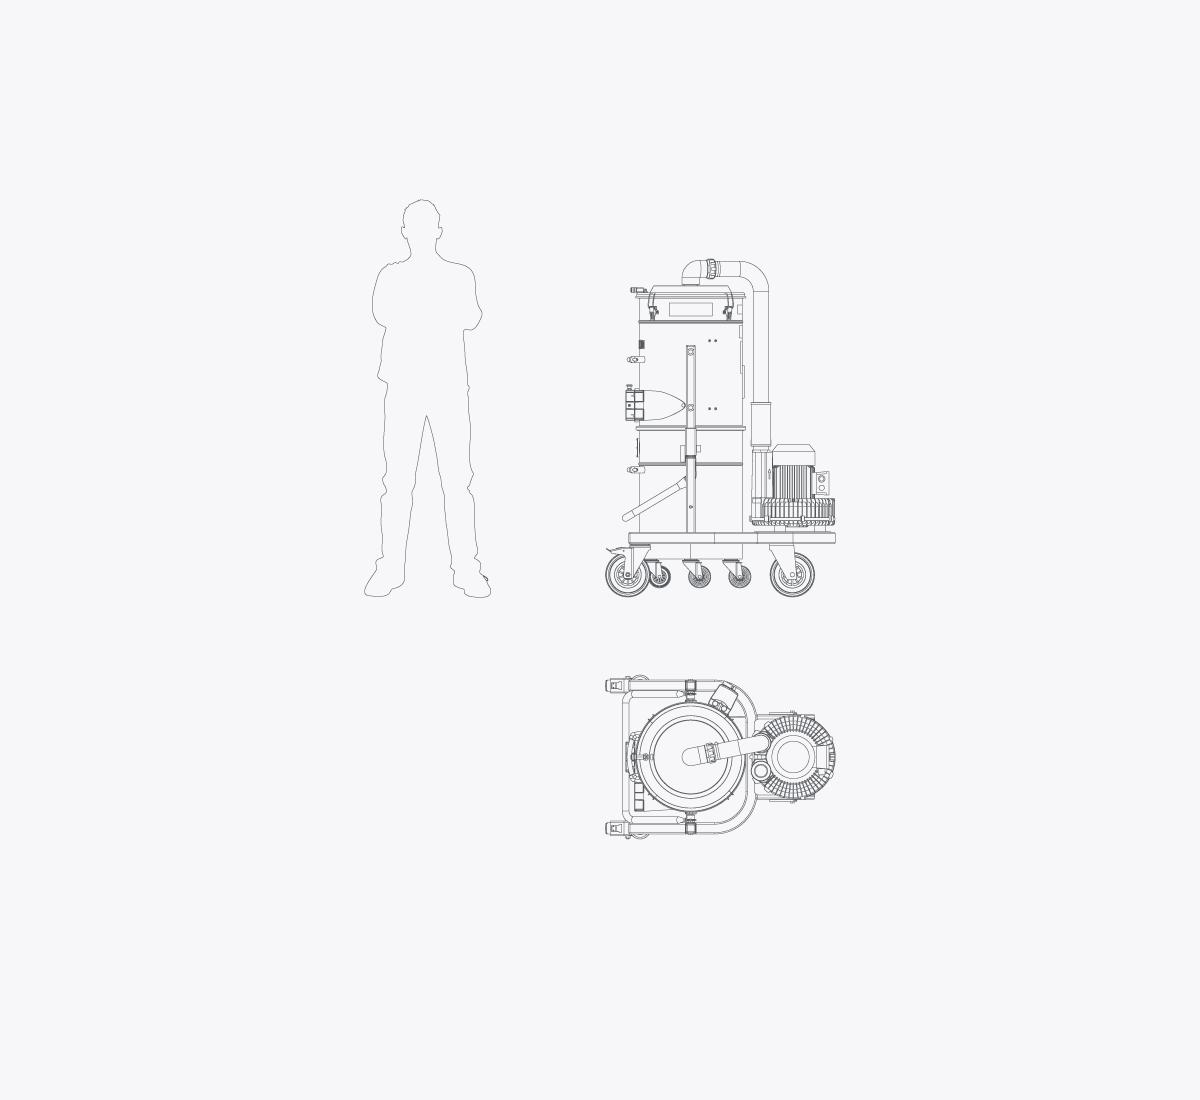 iv2-pcb-line-industrial-vacuum-cleaners-ivision-vacuum-dt